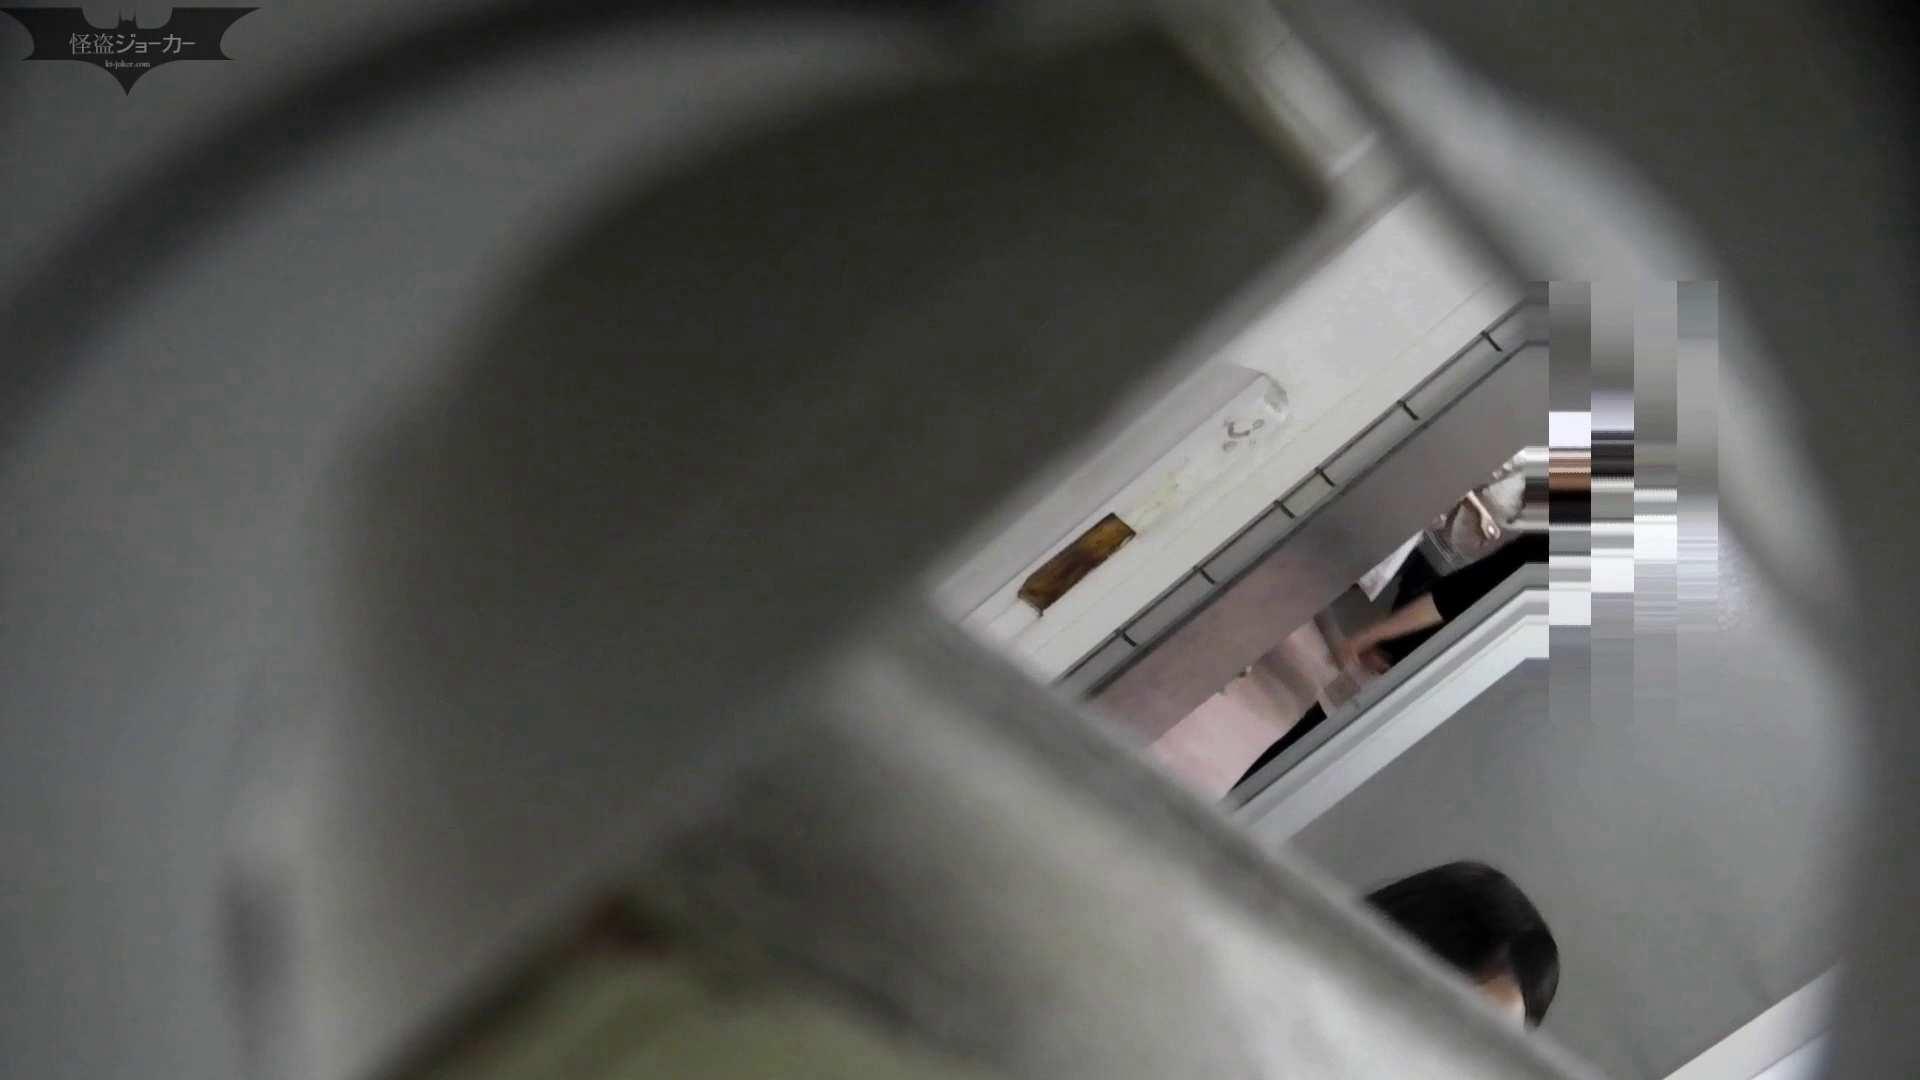 洗面所特攻隊 vol.56 白濁まみれのごっつい一本!!技あり 洗面所のぞき オメコ無修正動画無料 110枚 18